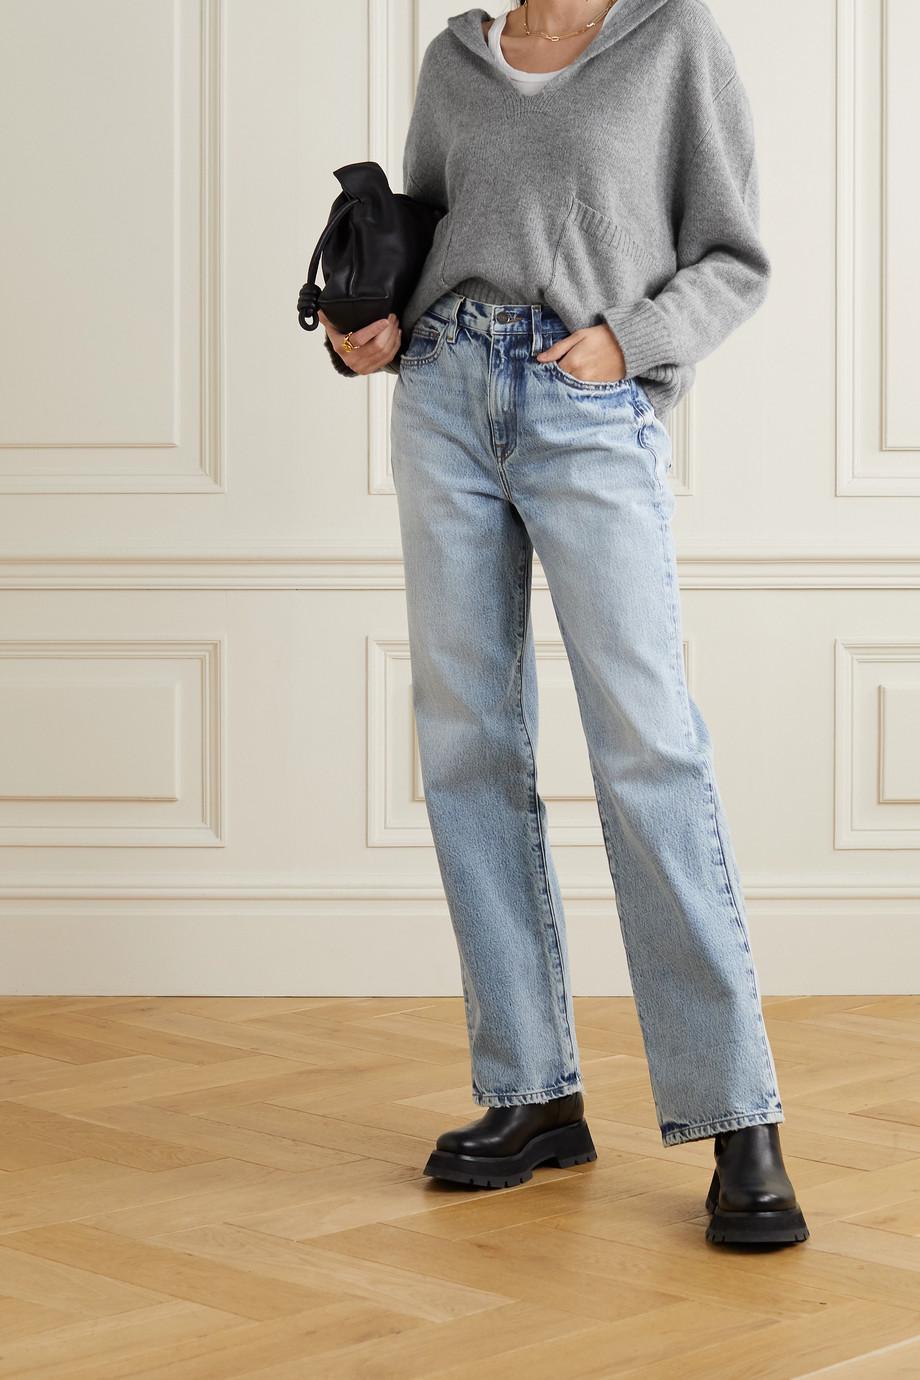 Allude Serafino cashmere sweater